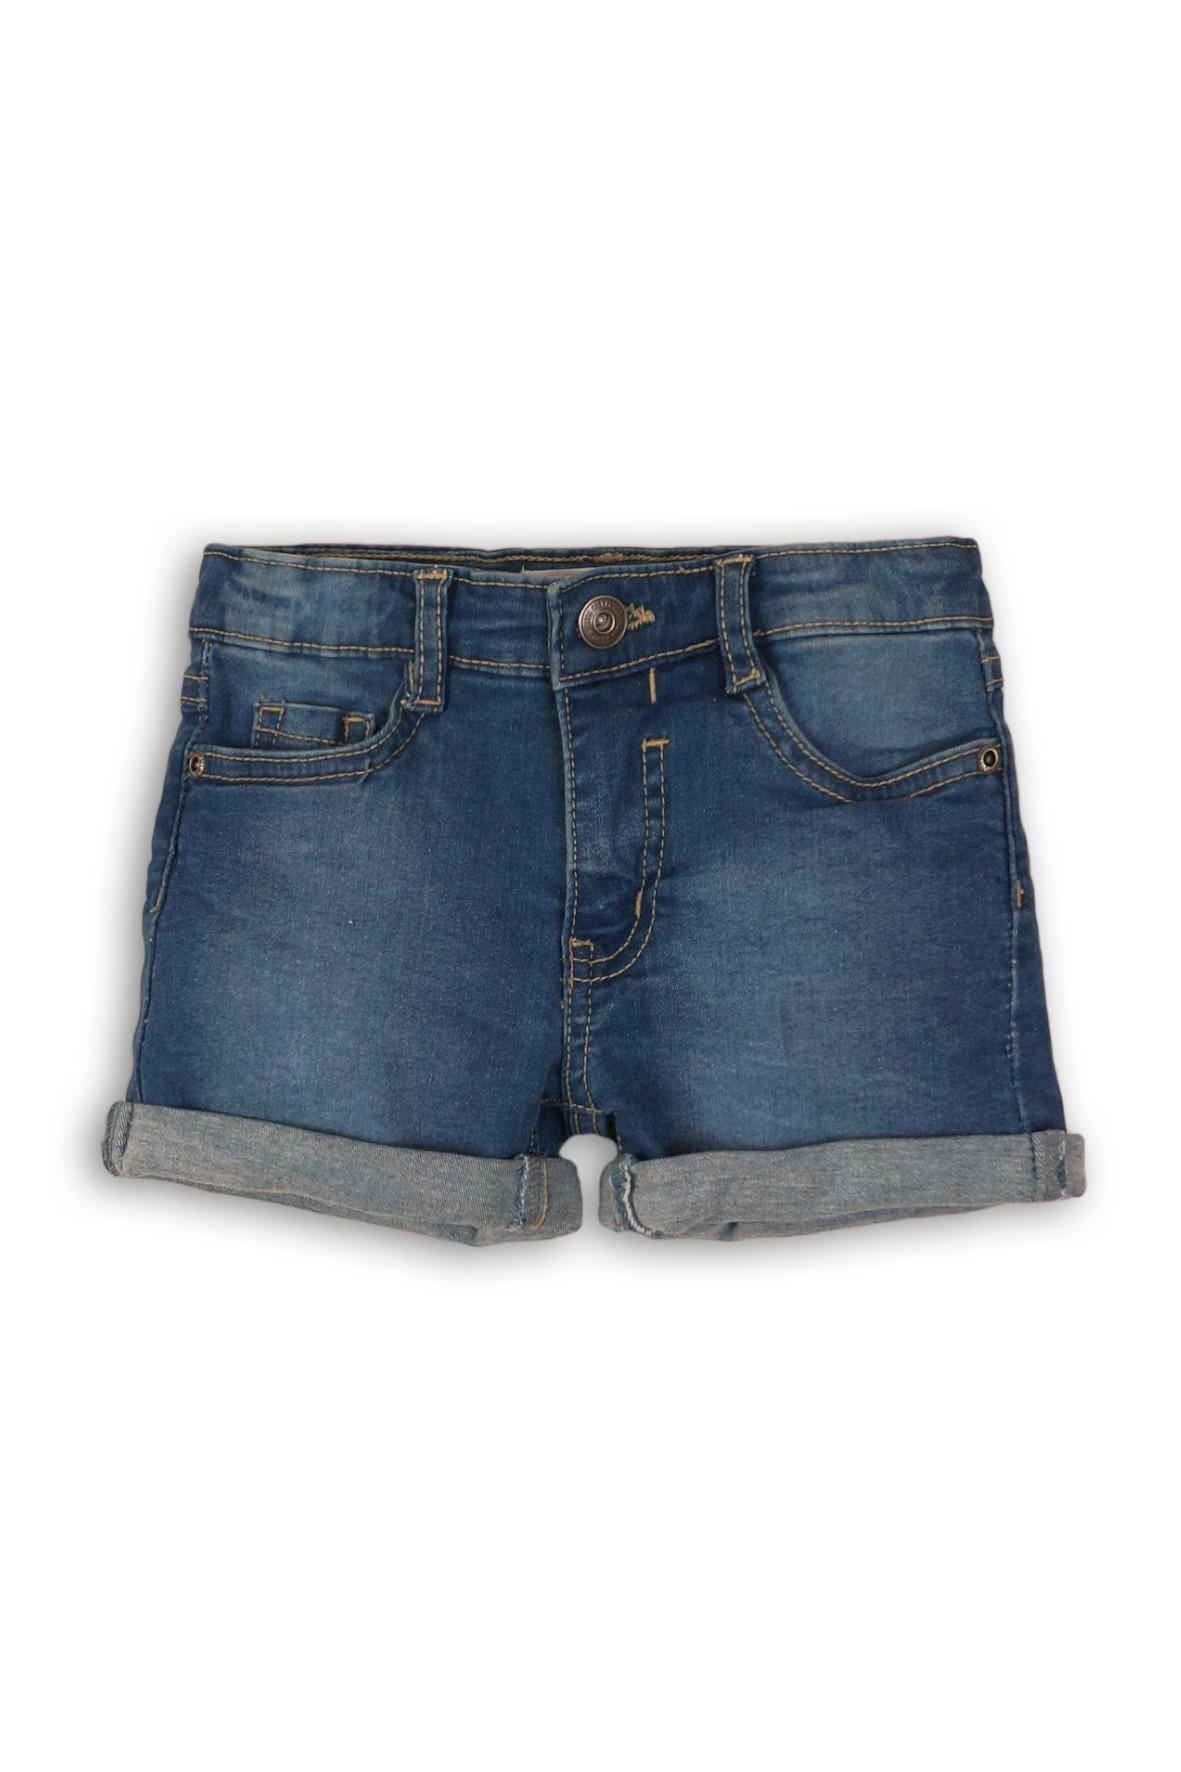 Spodenki dziewczęce jeansowe niebieskie